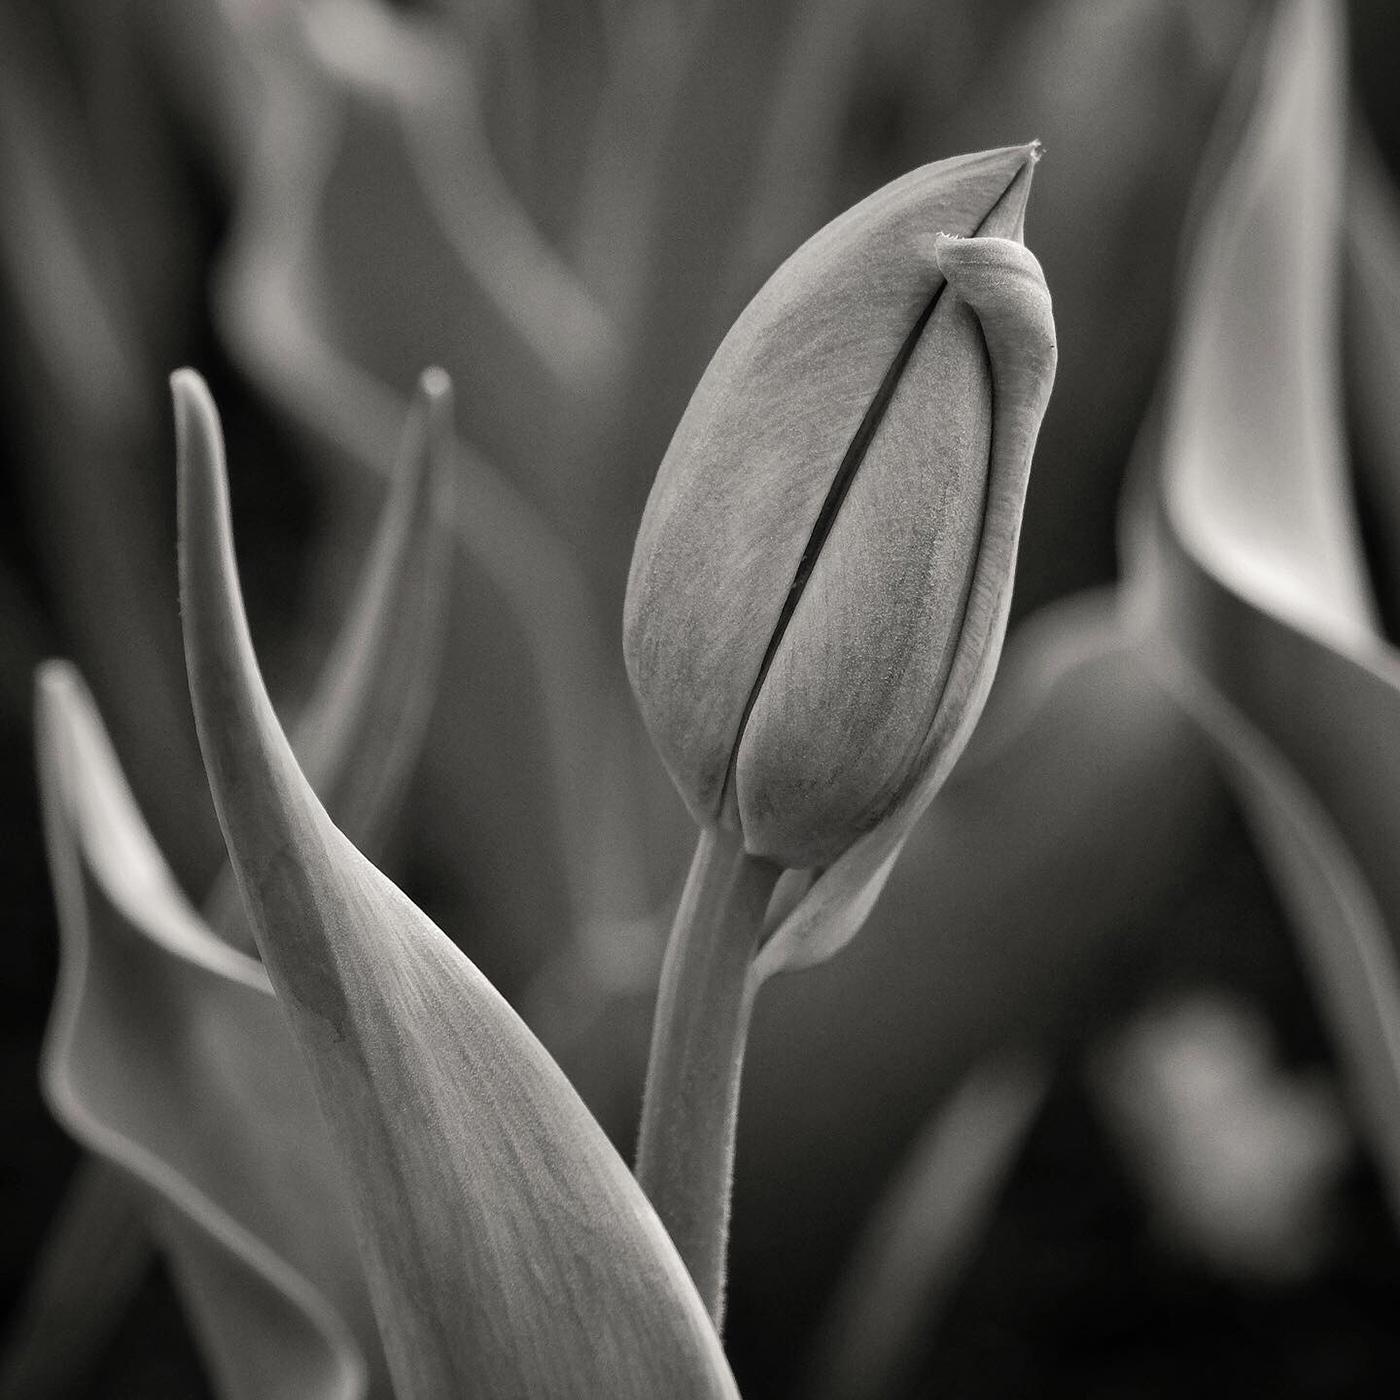 DBS_Tulips01.jpg